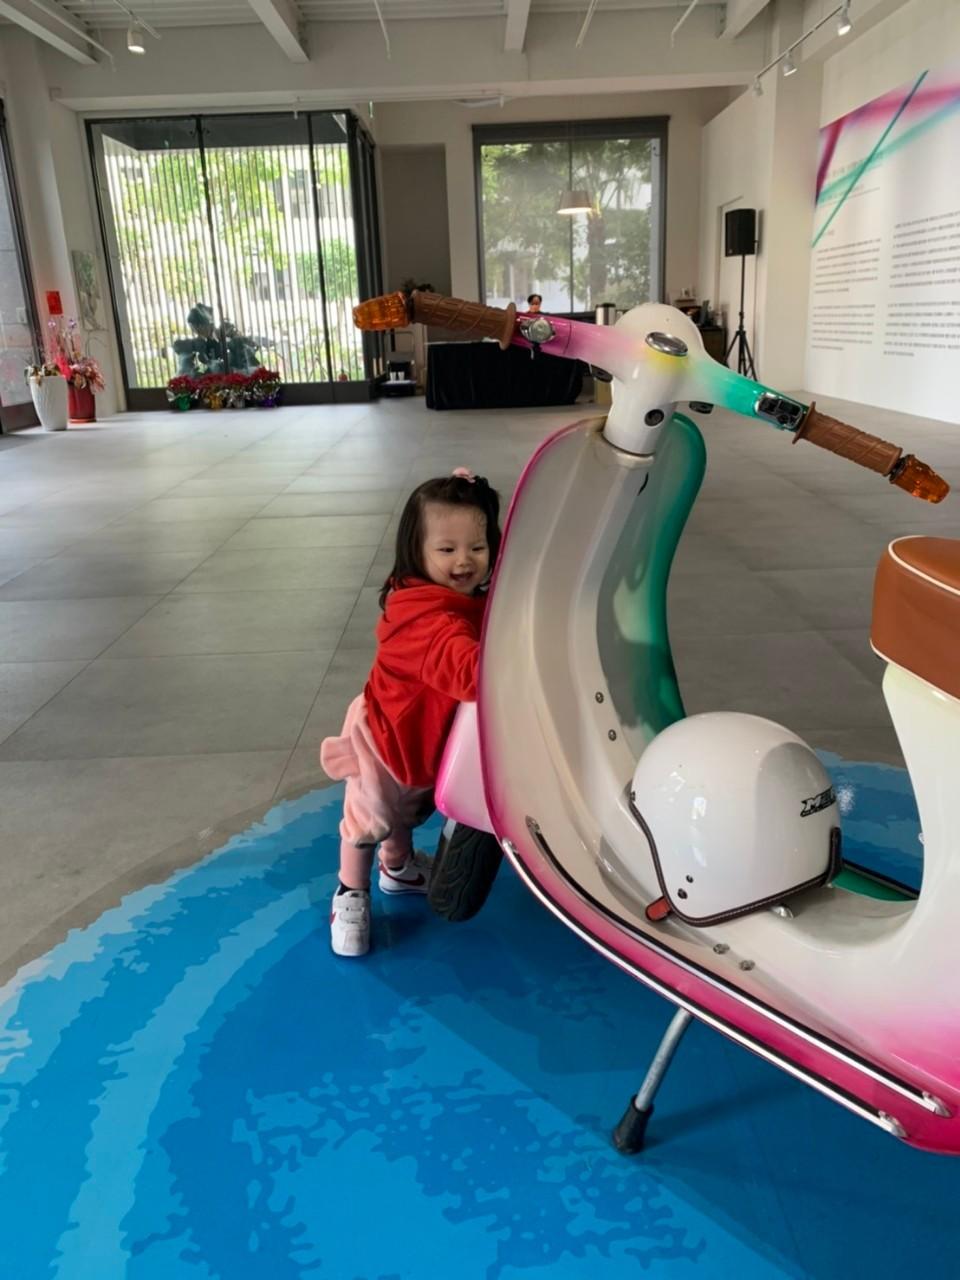 旅喵寶貝 感受時髦外公時代經典摩托車!